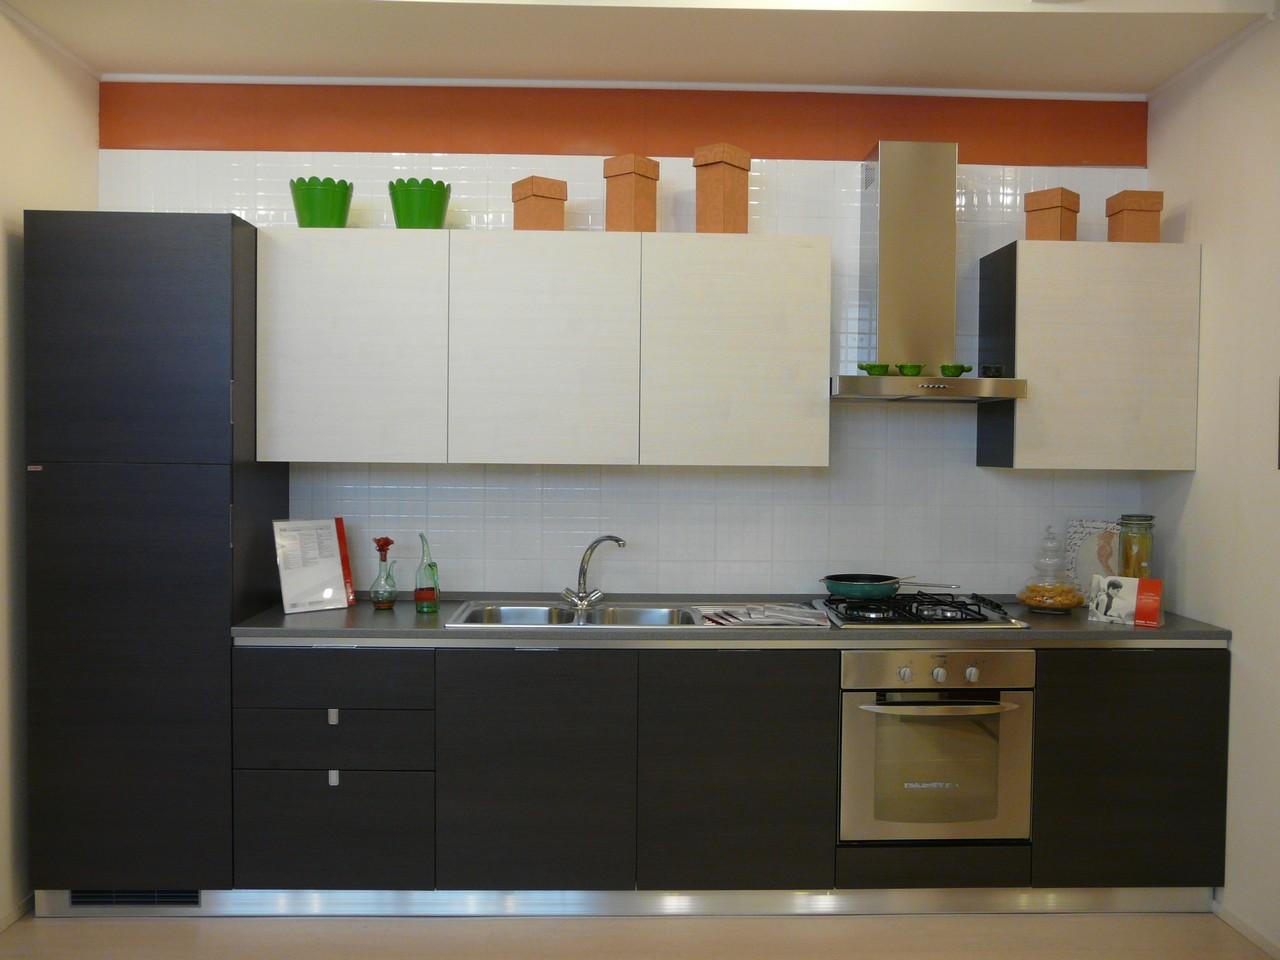 Arredamenti casarini modena bologna occasioni 012 for Arredamenti modena